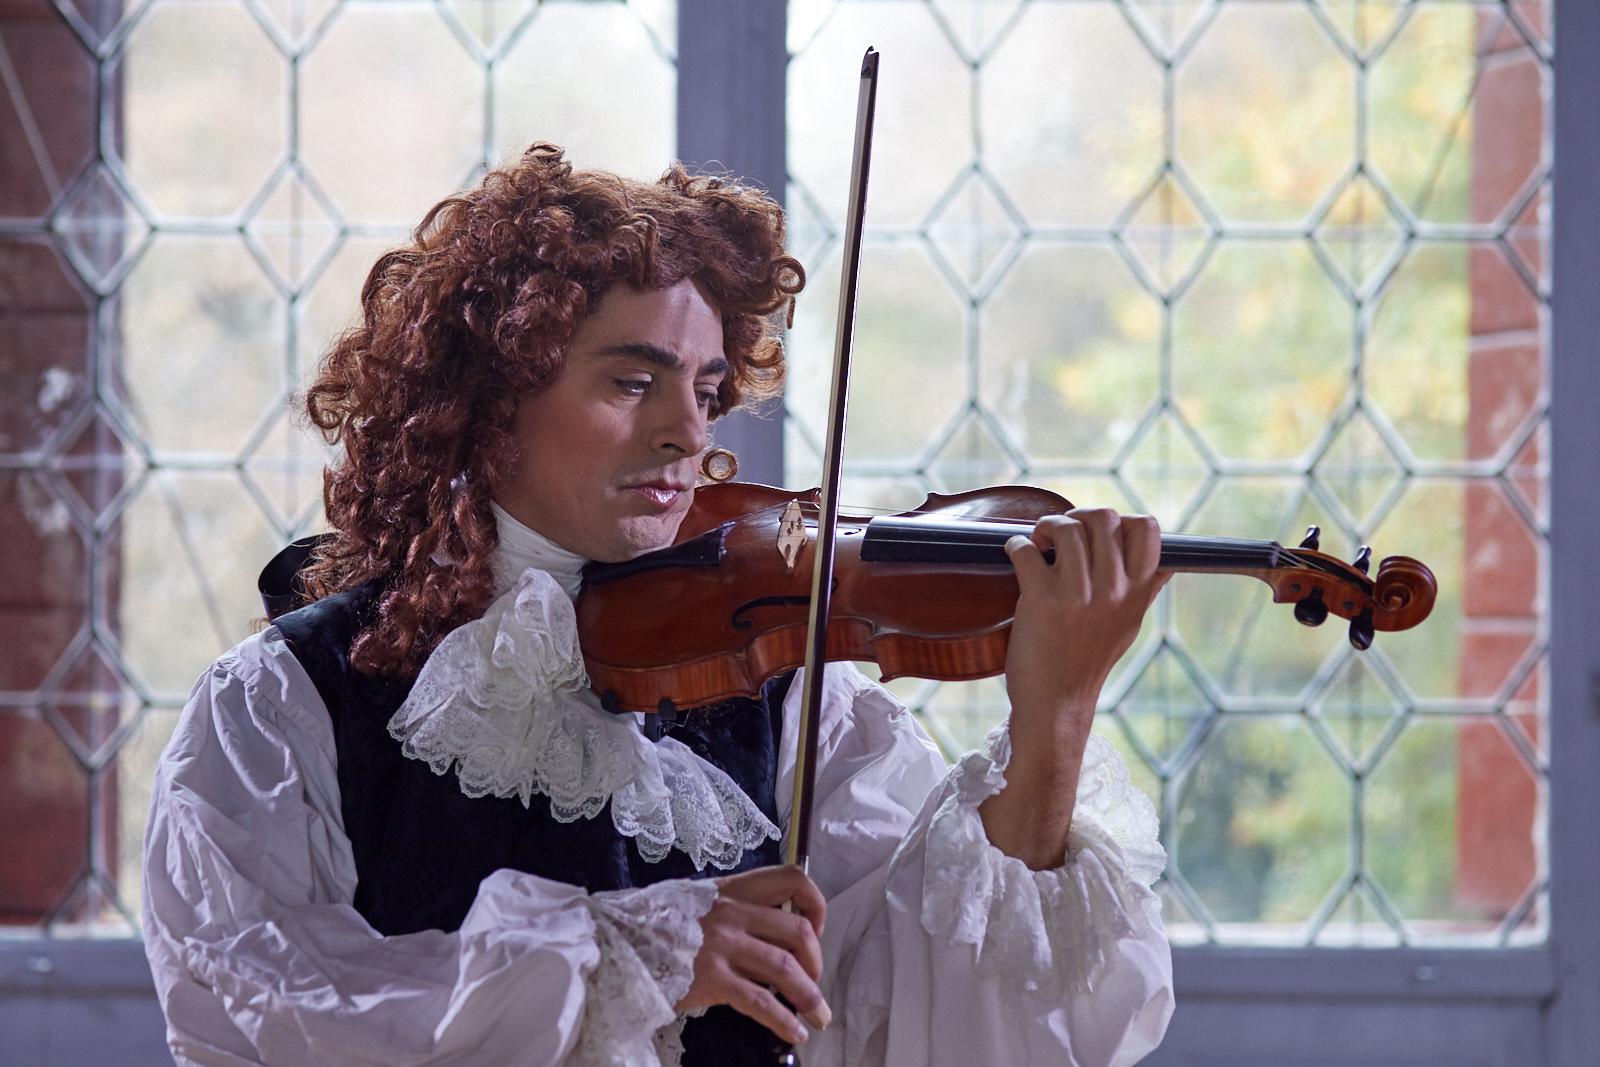 Sokol Prekalori als Antonio Vivaldi